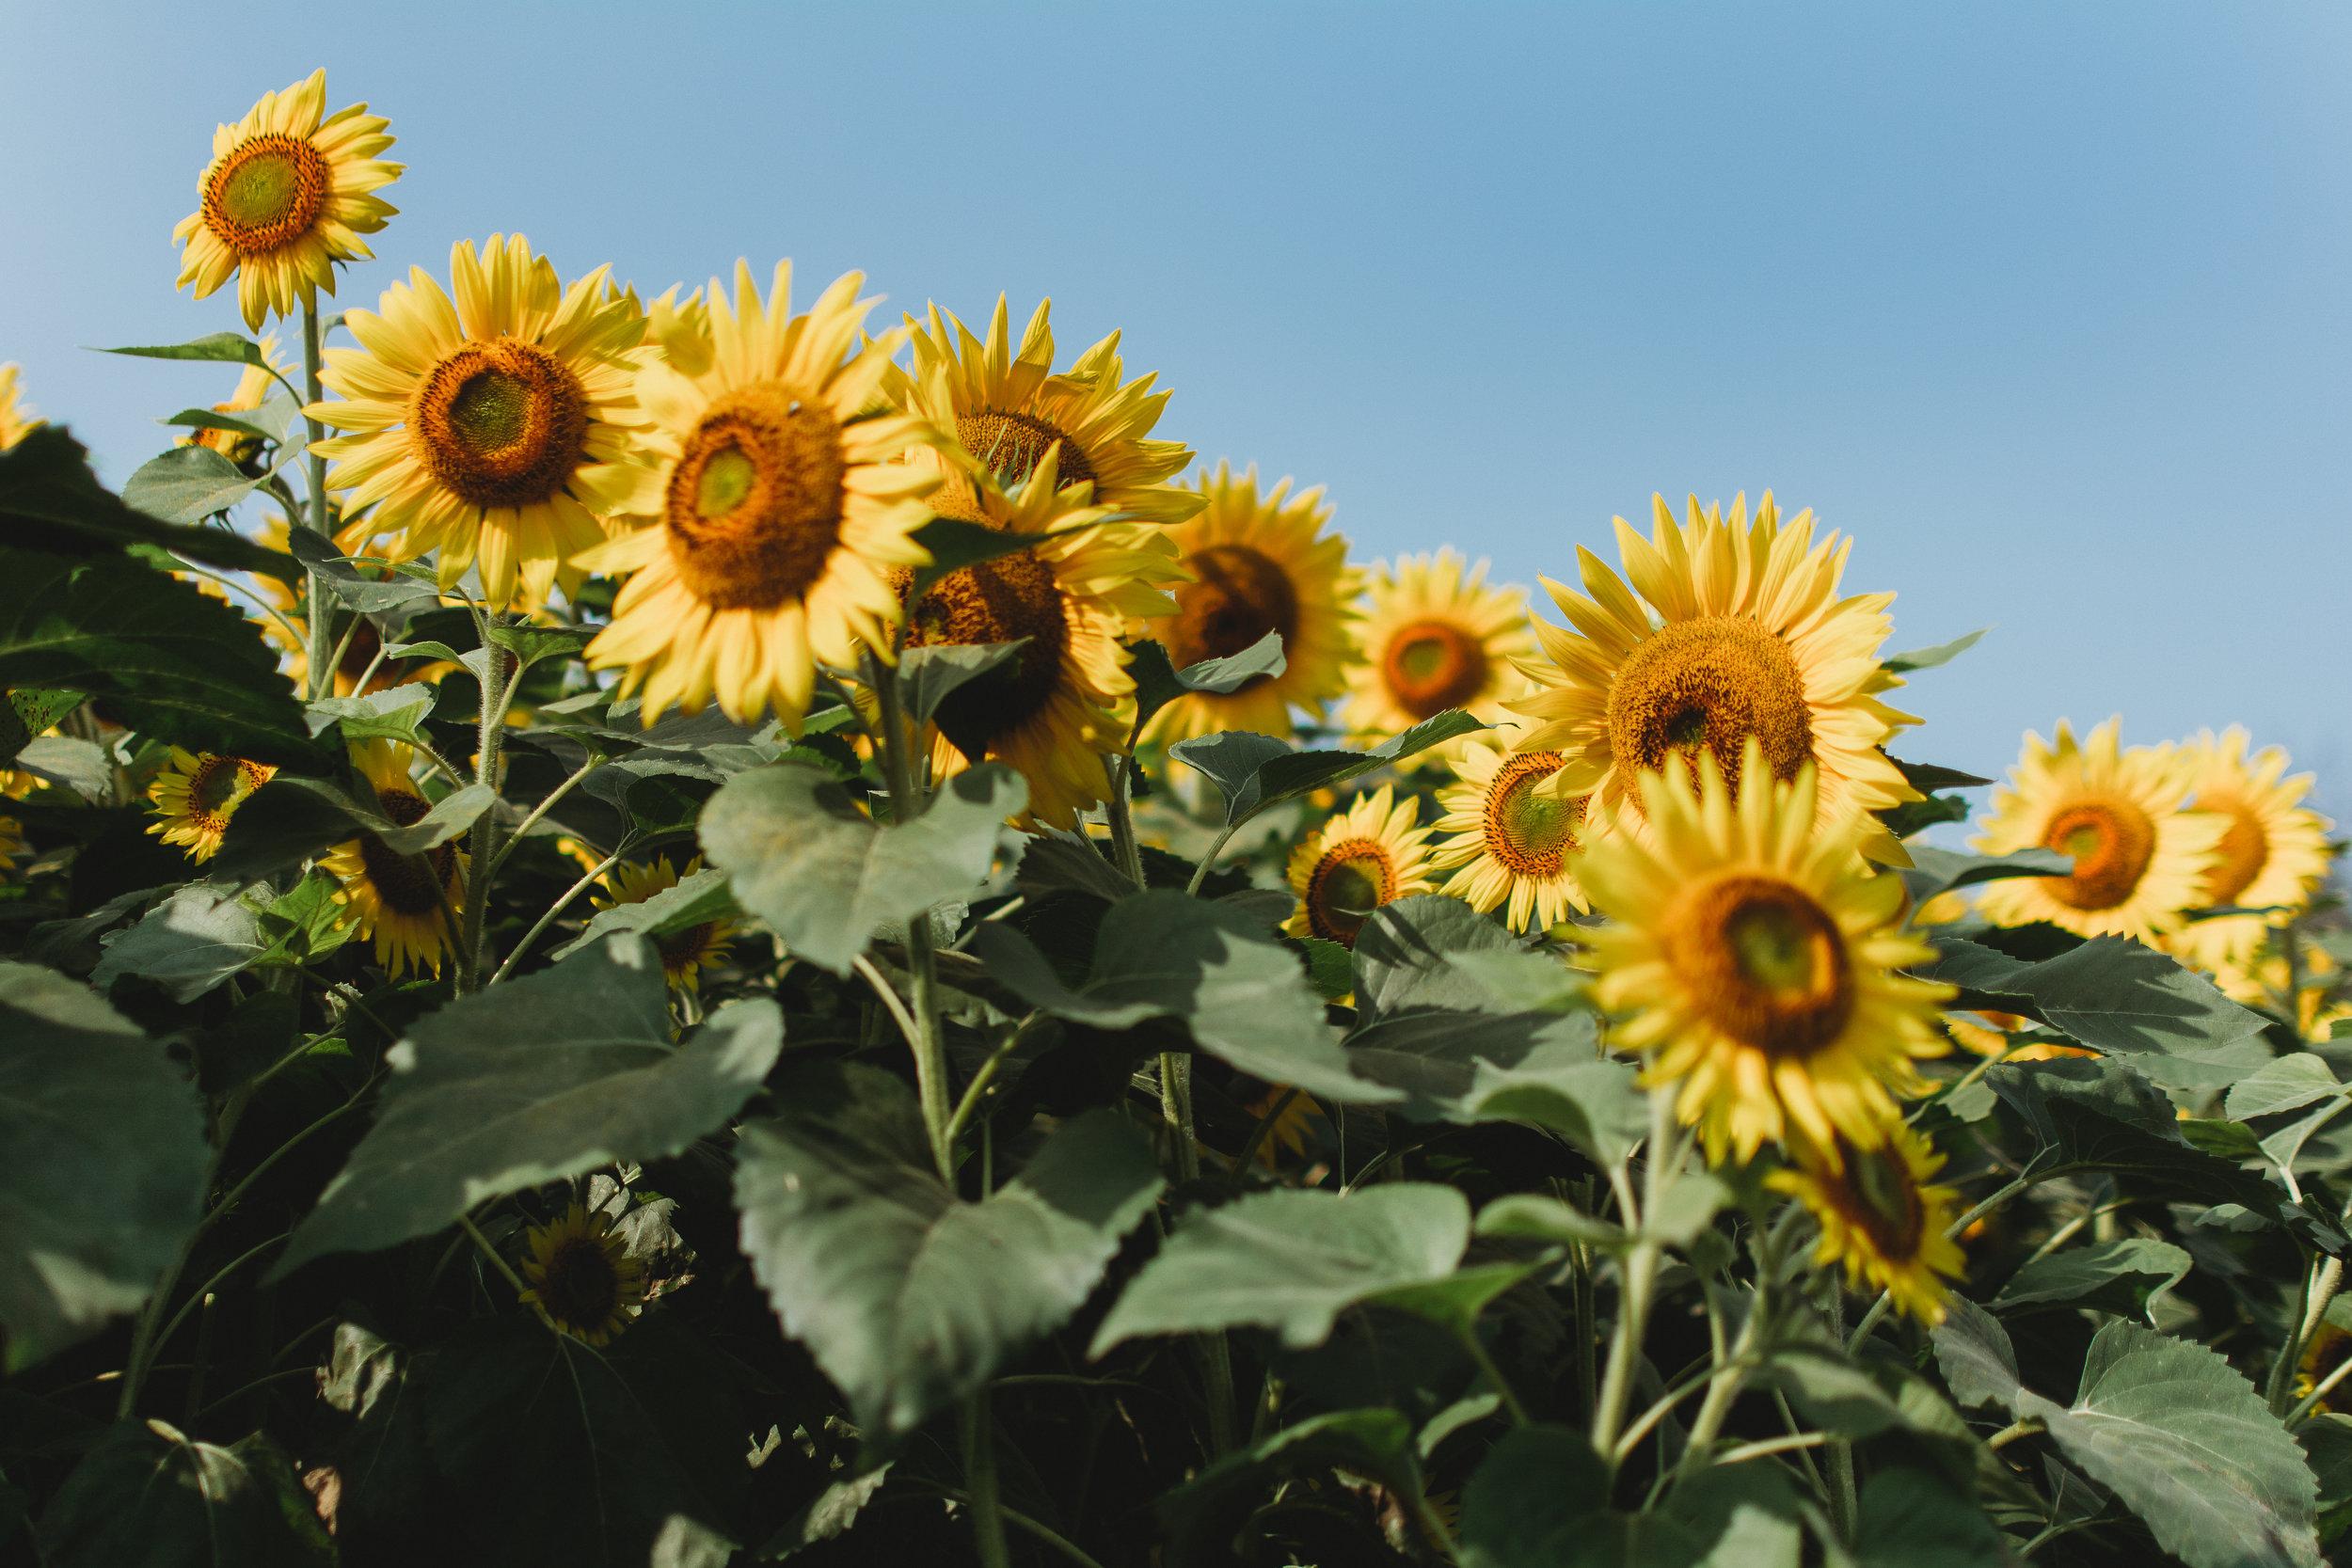 Colby Farm Sunflowers (23 of 58).jpg